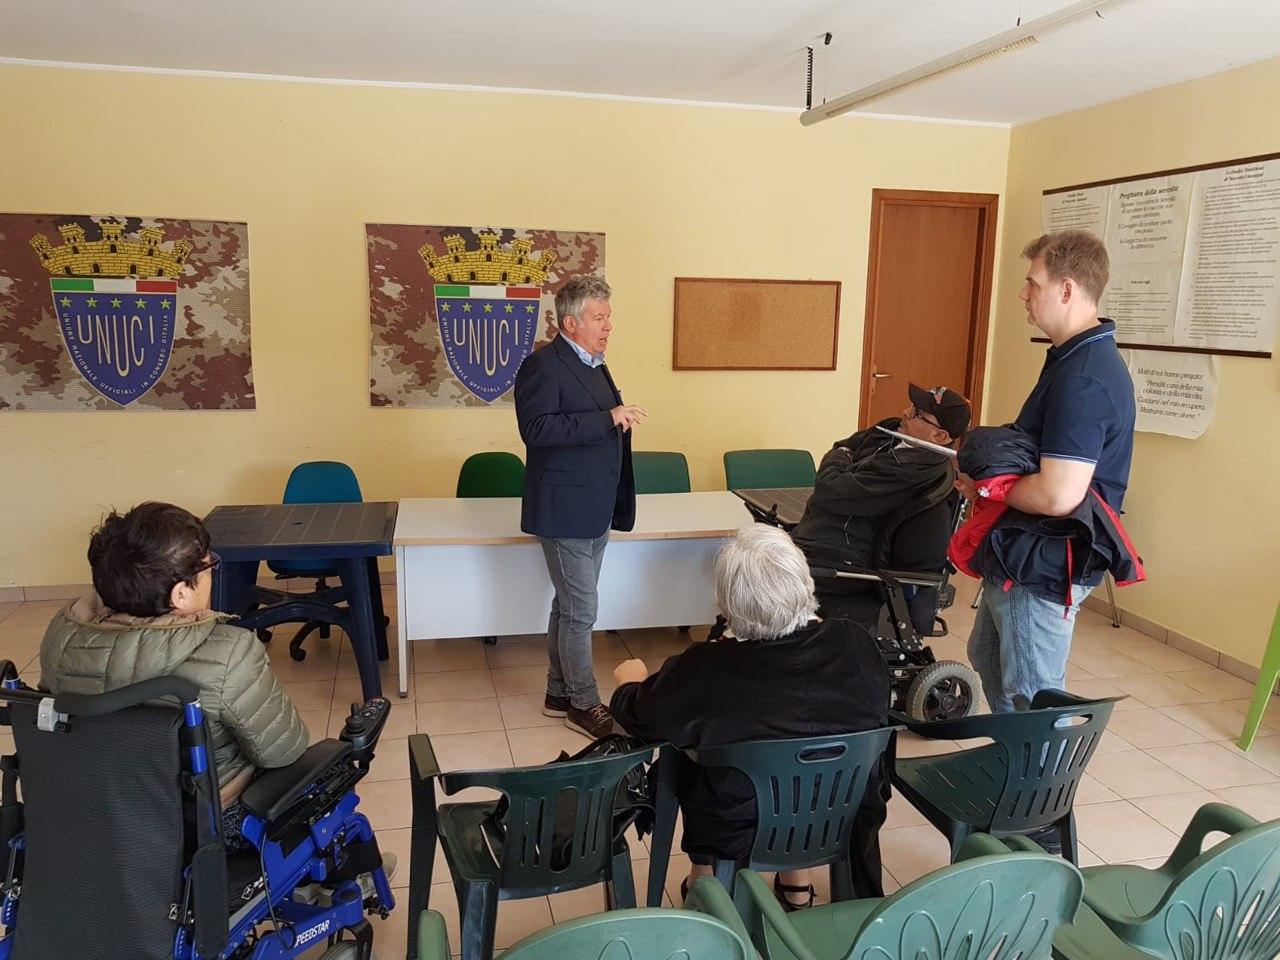 Incontro Aida/Consulta con Leo Bollettini rappresentante lega elezioni europee